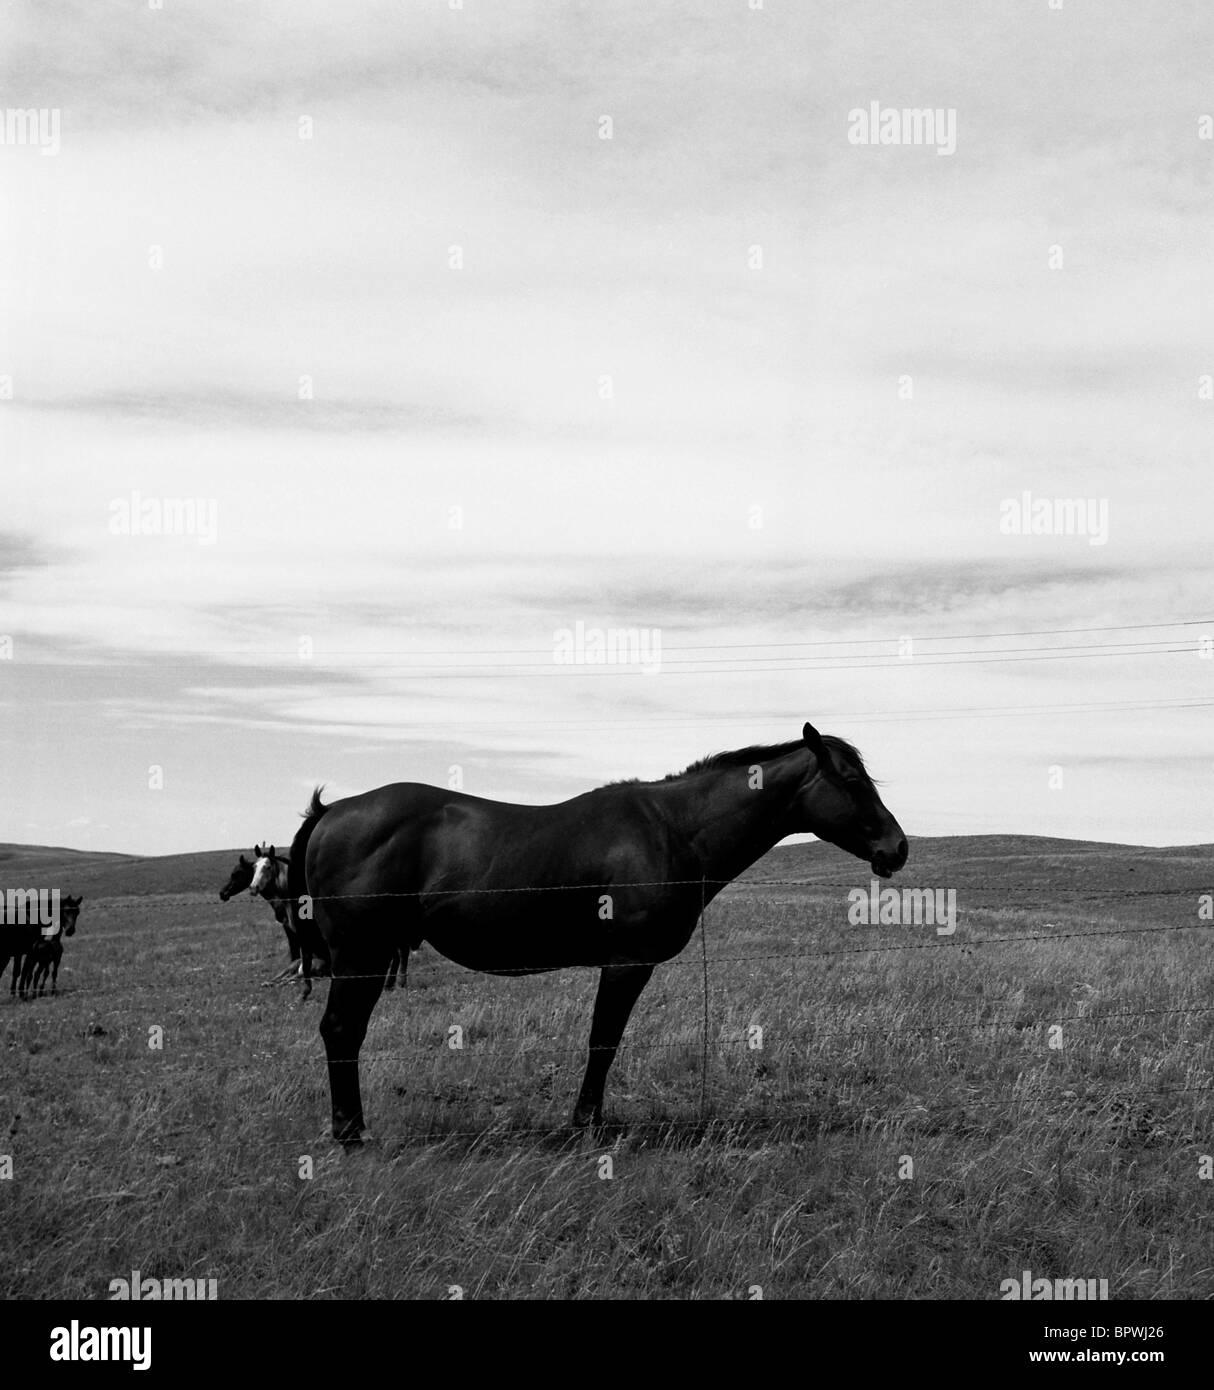 Eine schwarze und weiße, quadratische Bild eines Pferdes steht still. Stockfoto